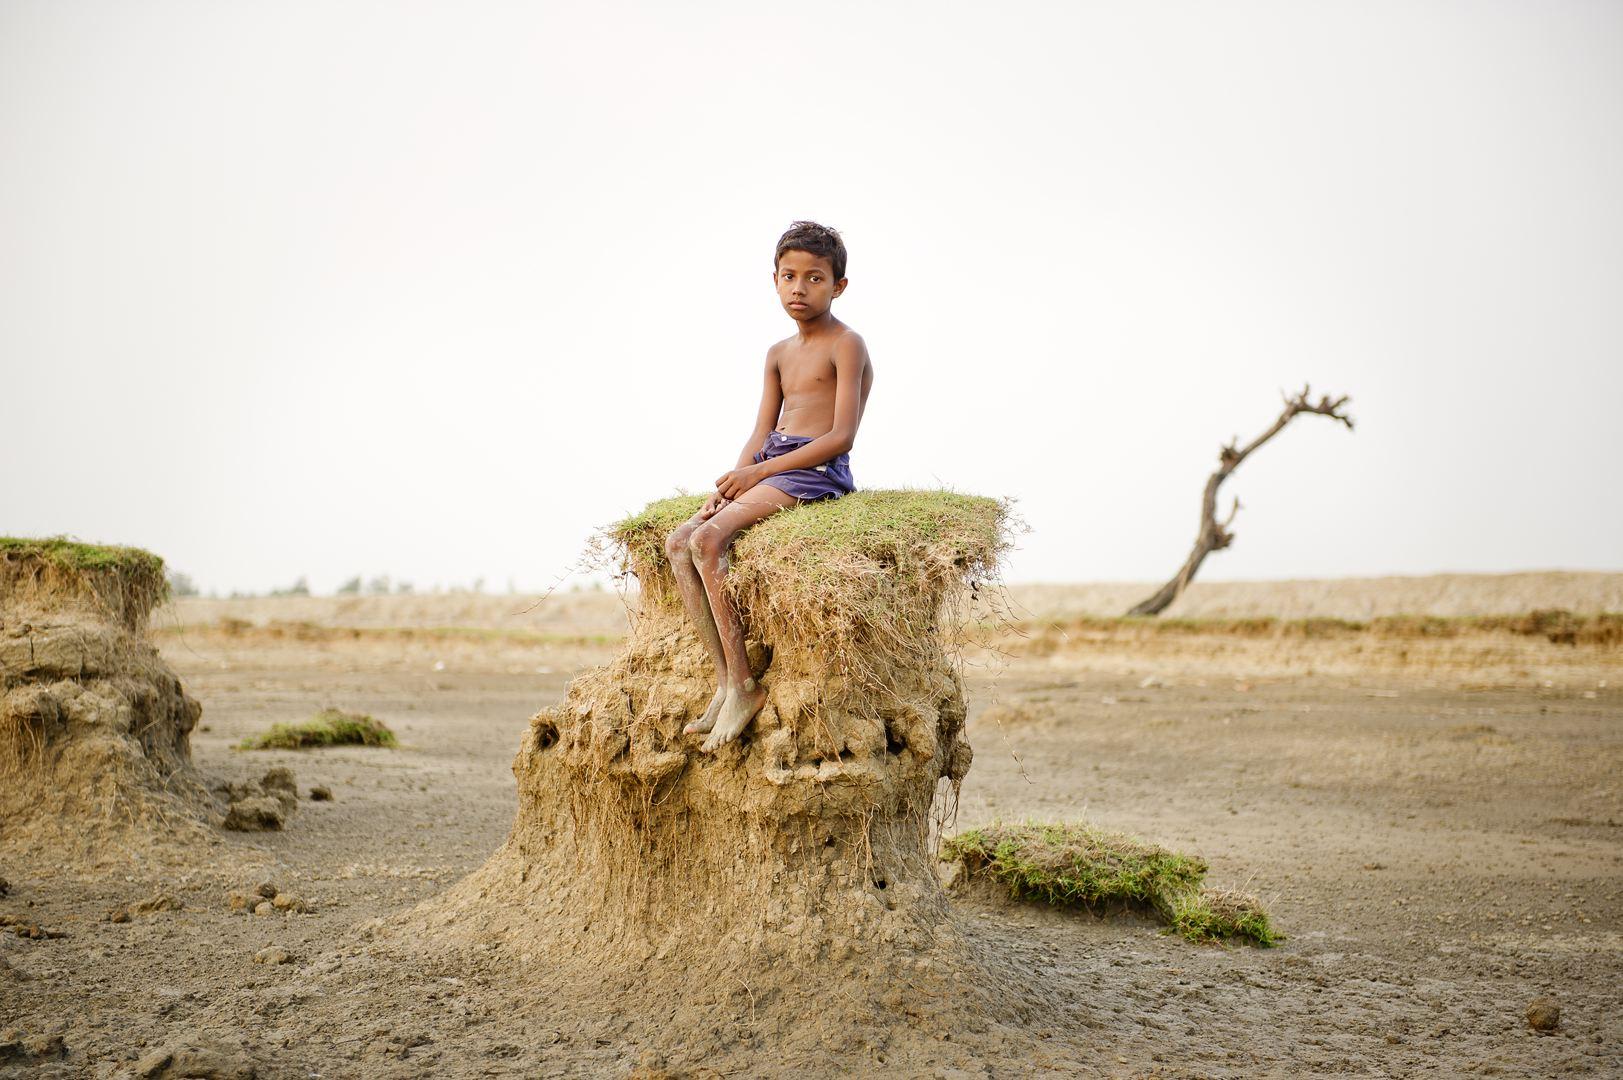 A globális felmelegedés miatt teljesen kiszáradt Ghoramara-sziget, Bengália nyugati részén (Fotó: Daesung Lee)